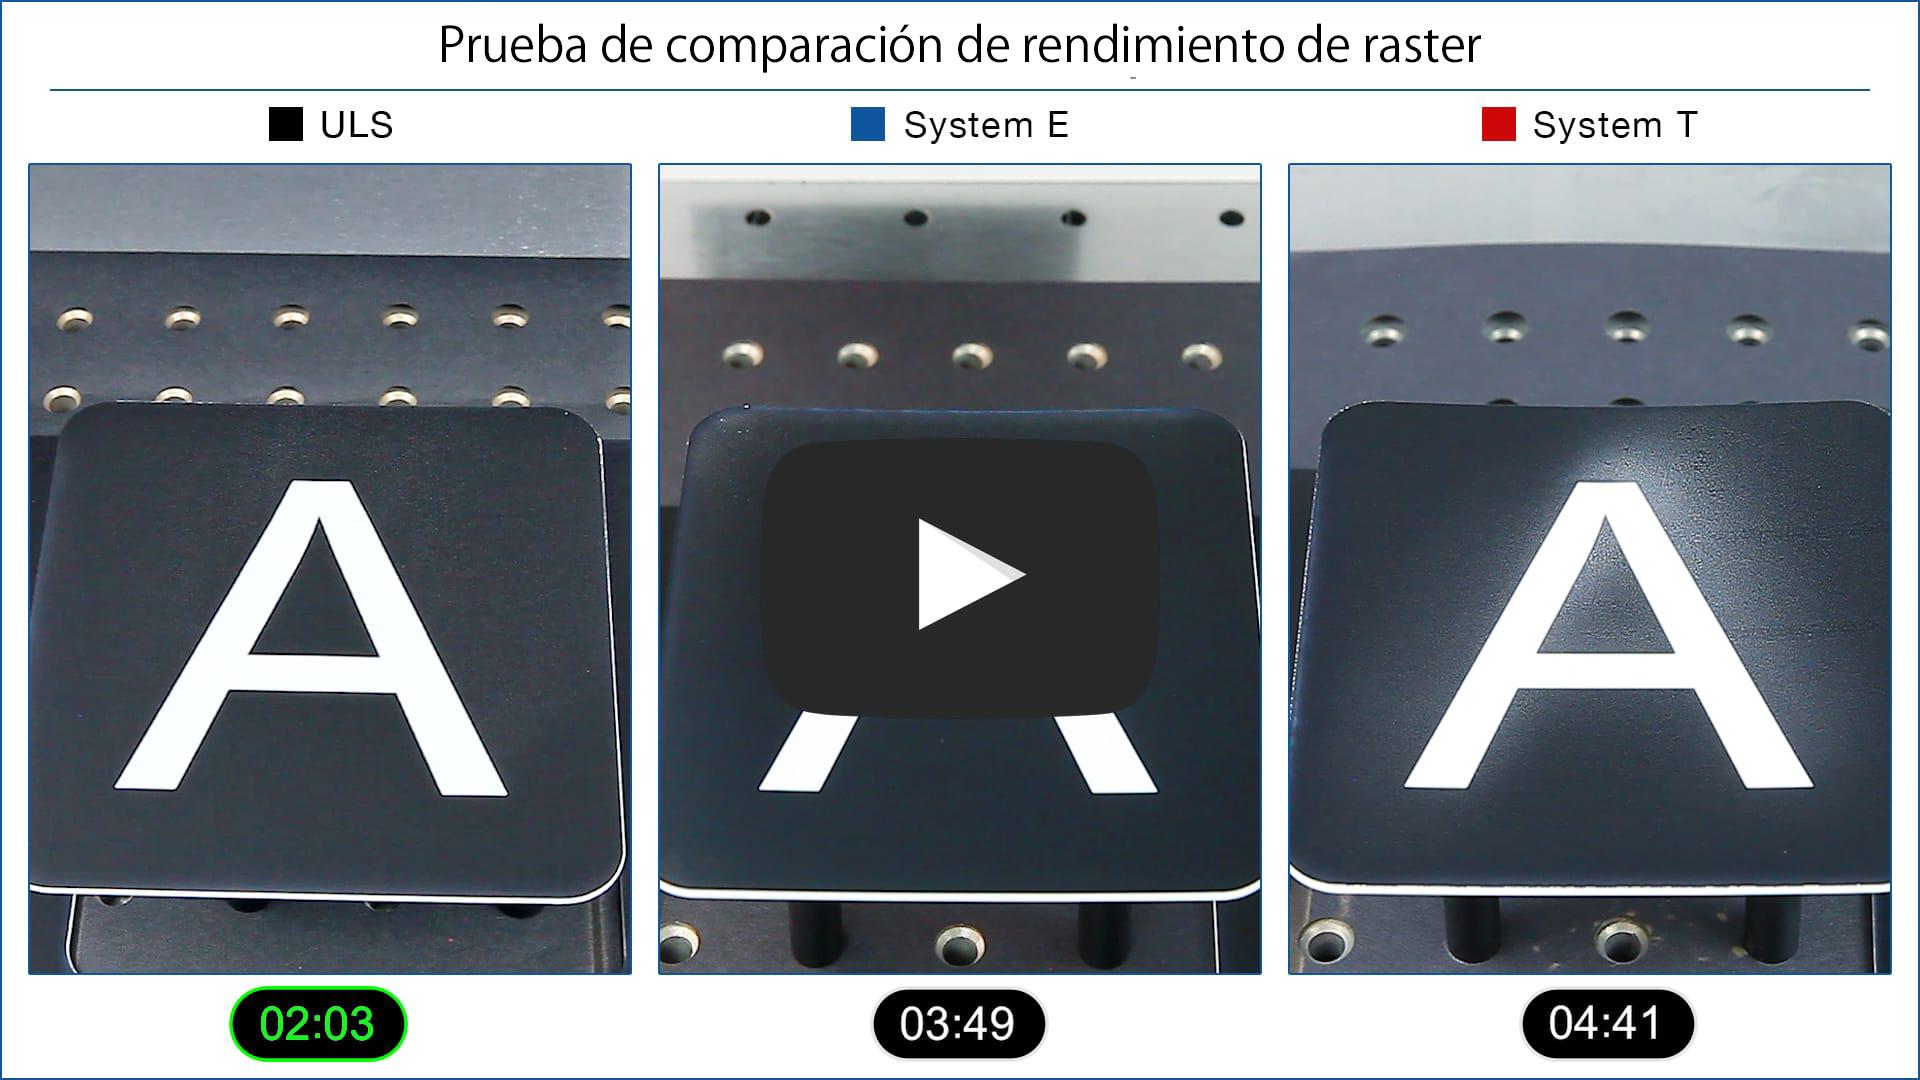 Video de comparación de rendimiento de raster láser